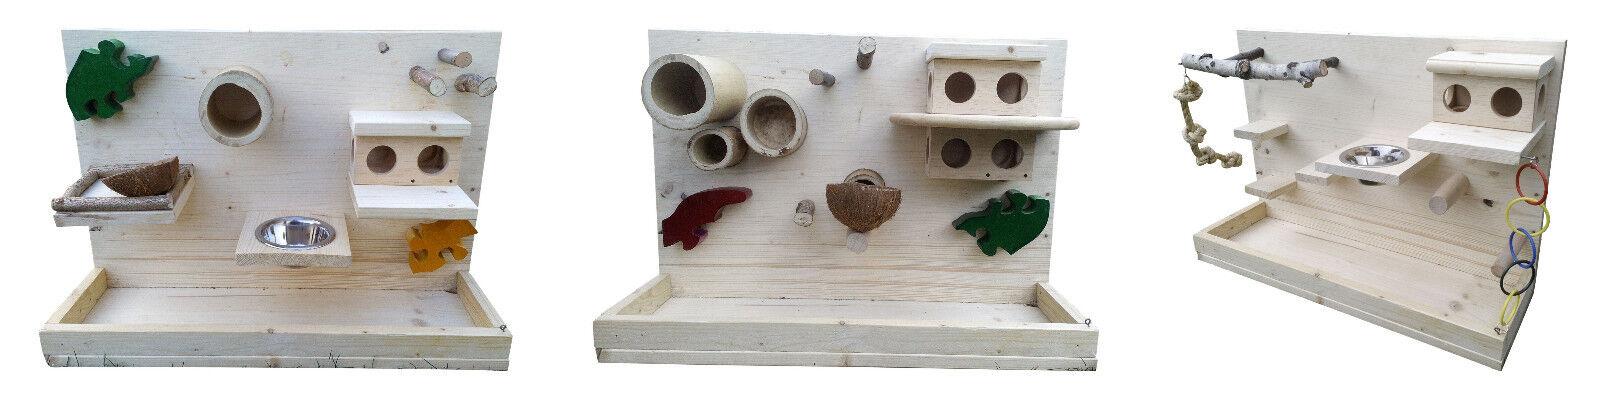 Wandspielplatz für Vögel Kletterbaum Vogelhaus Sittiche Finken Kanarien